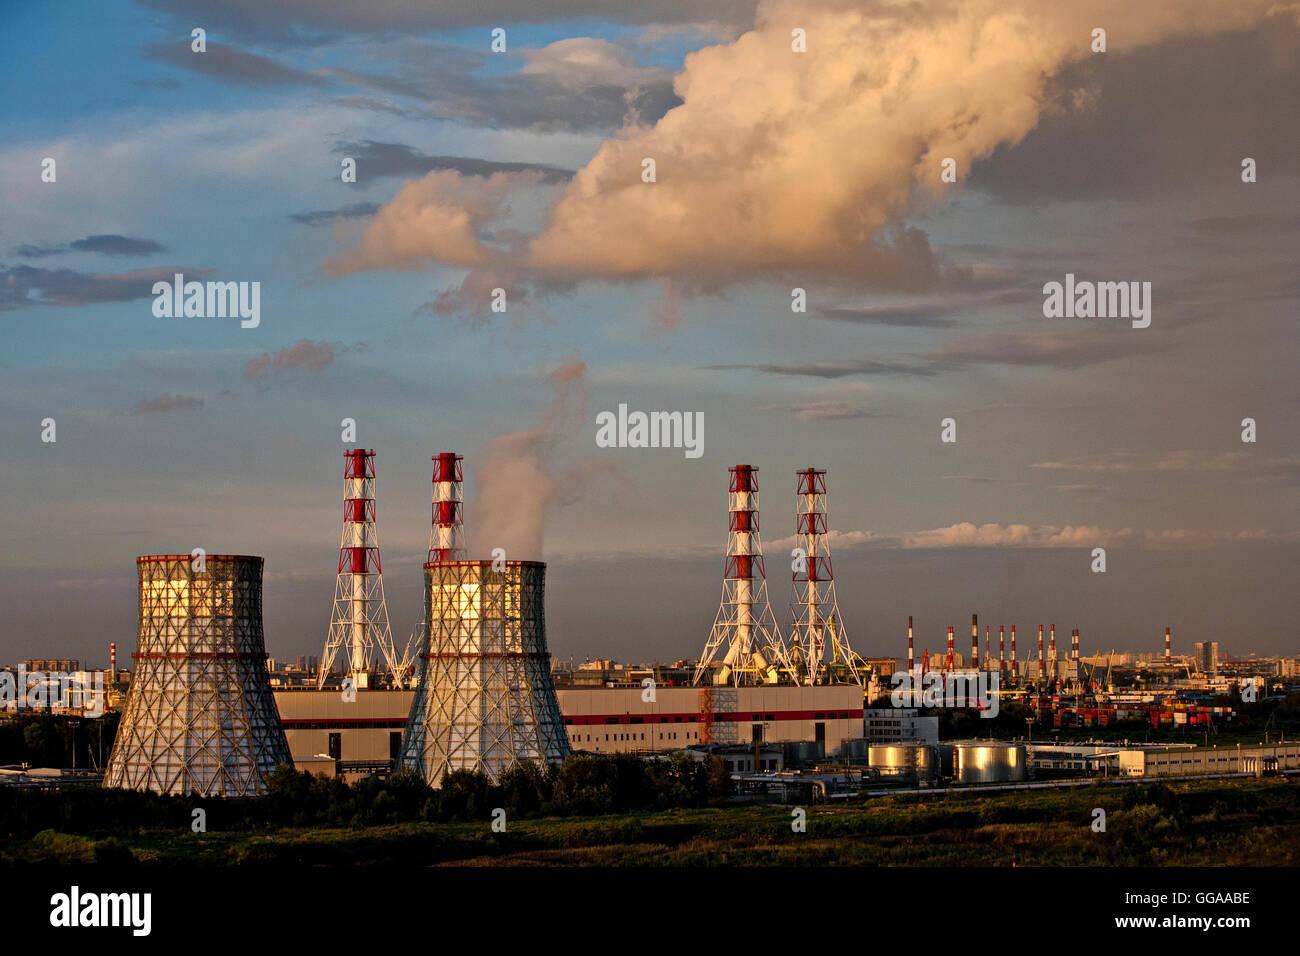 La centrale termoelettrica di potenza Immagini Stock